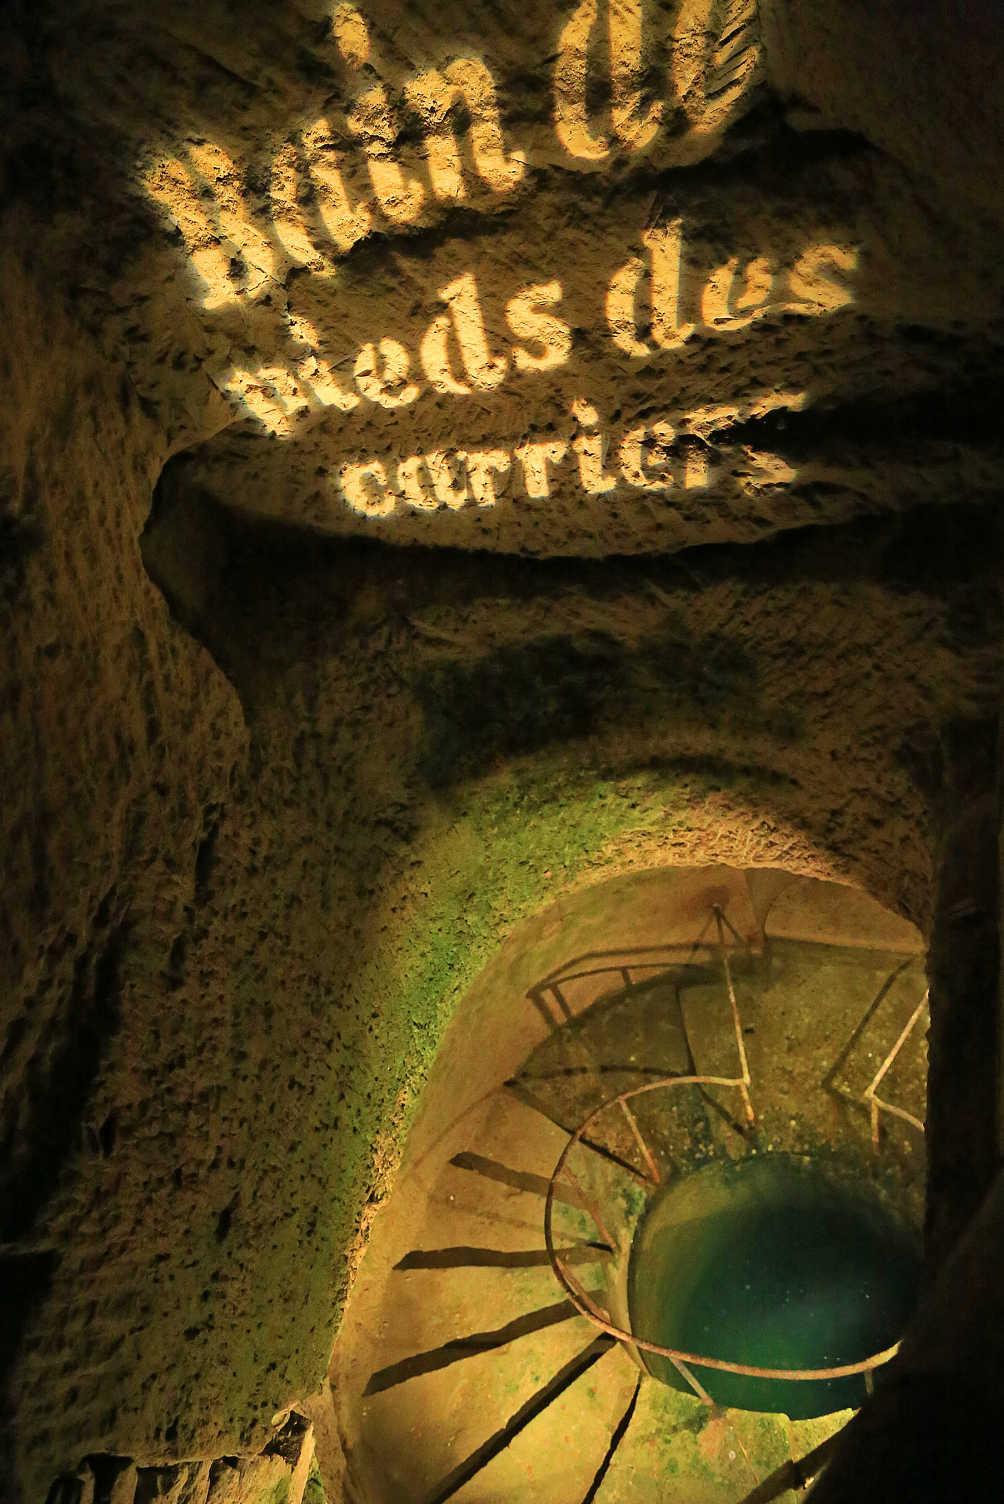 Voetpad steenhouwers catacomben parijs bain de peids des carriers